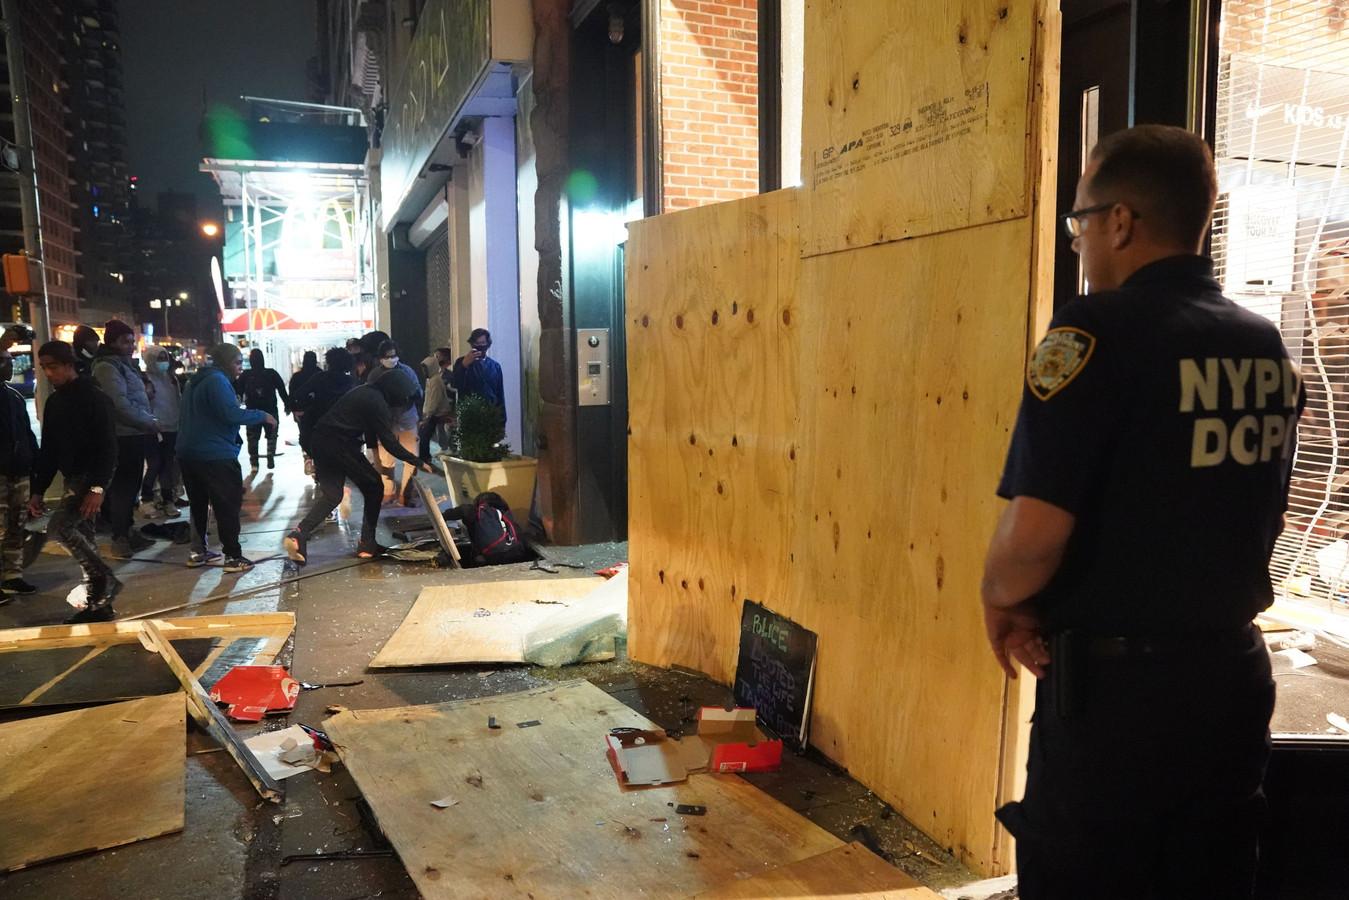 Opnieuw rellen en plunderingen in New York.